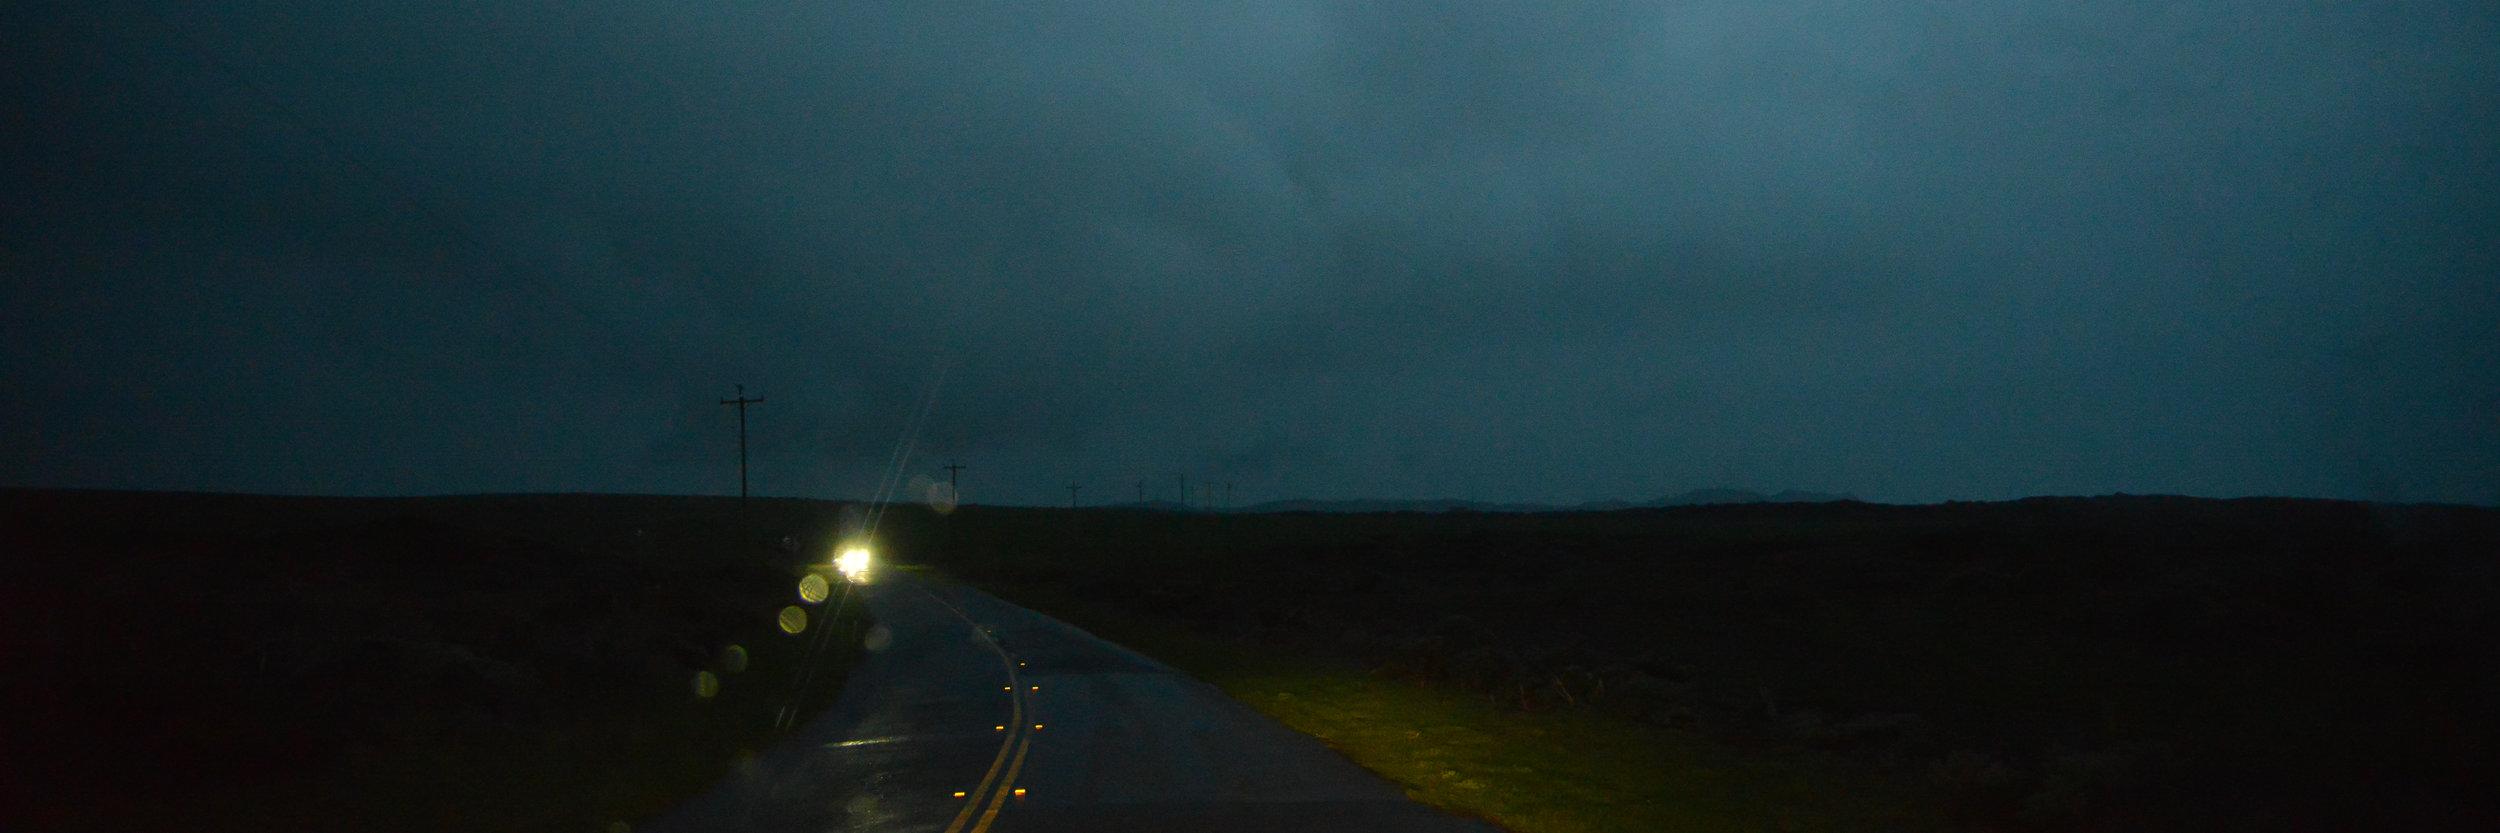 Headlights-bday-11b-6661.jpg